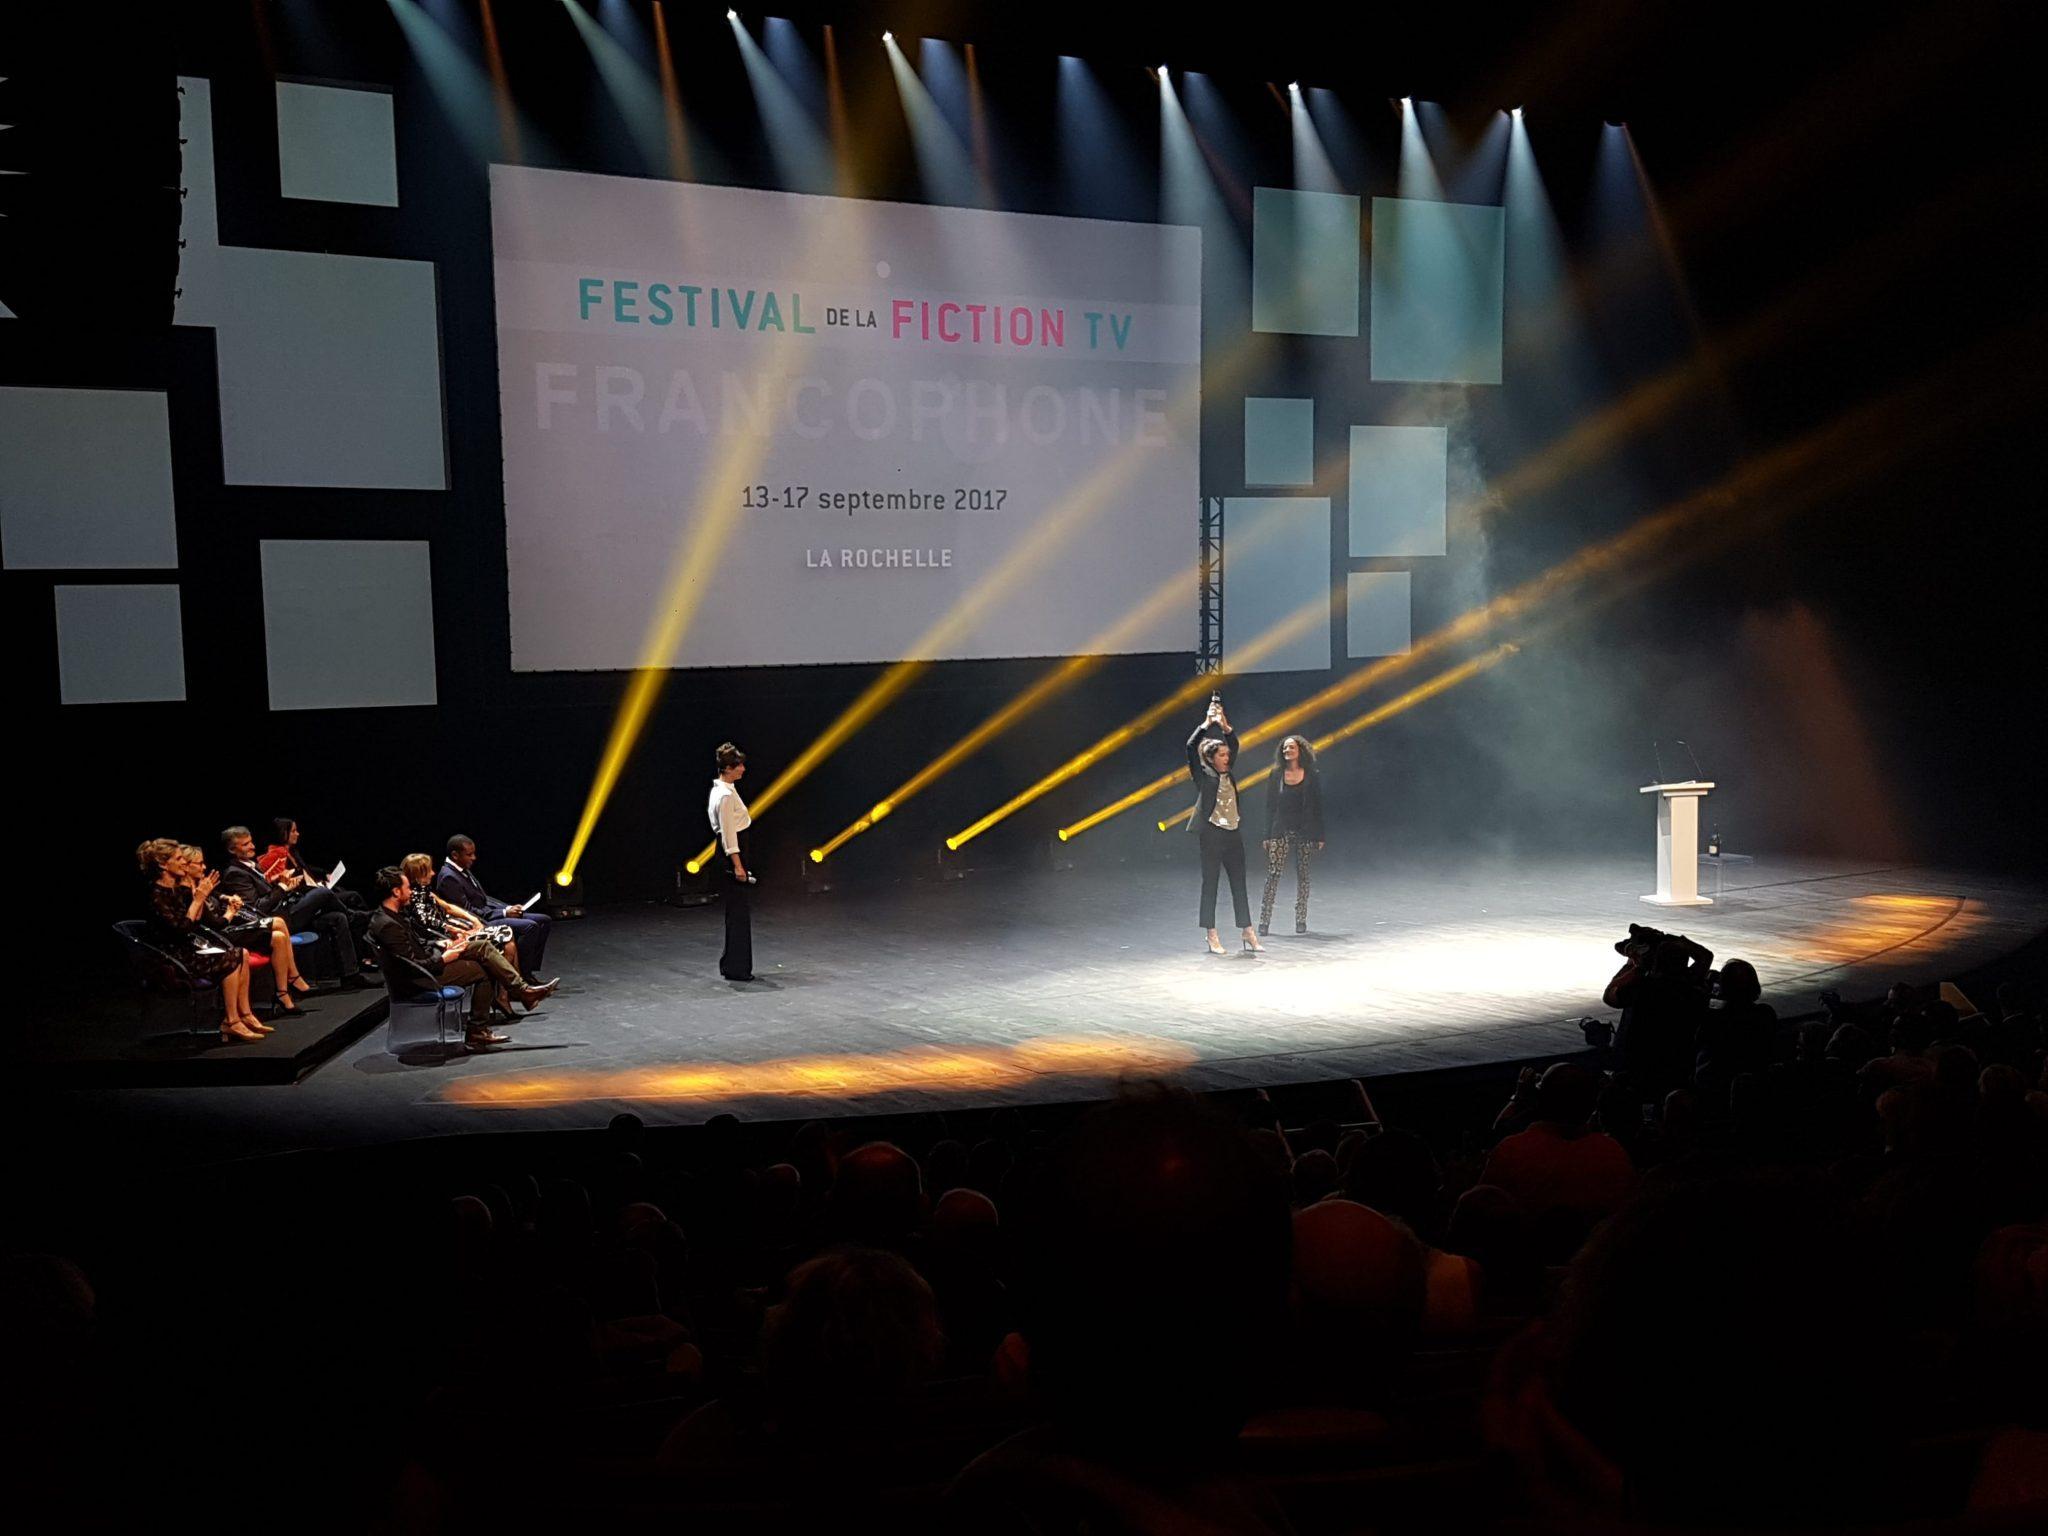 festival de la fiction tv de la rochelle 2017 image Prêtes à tout